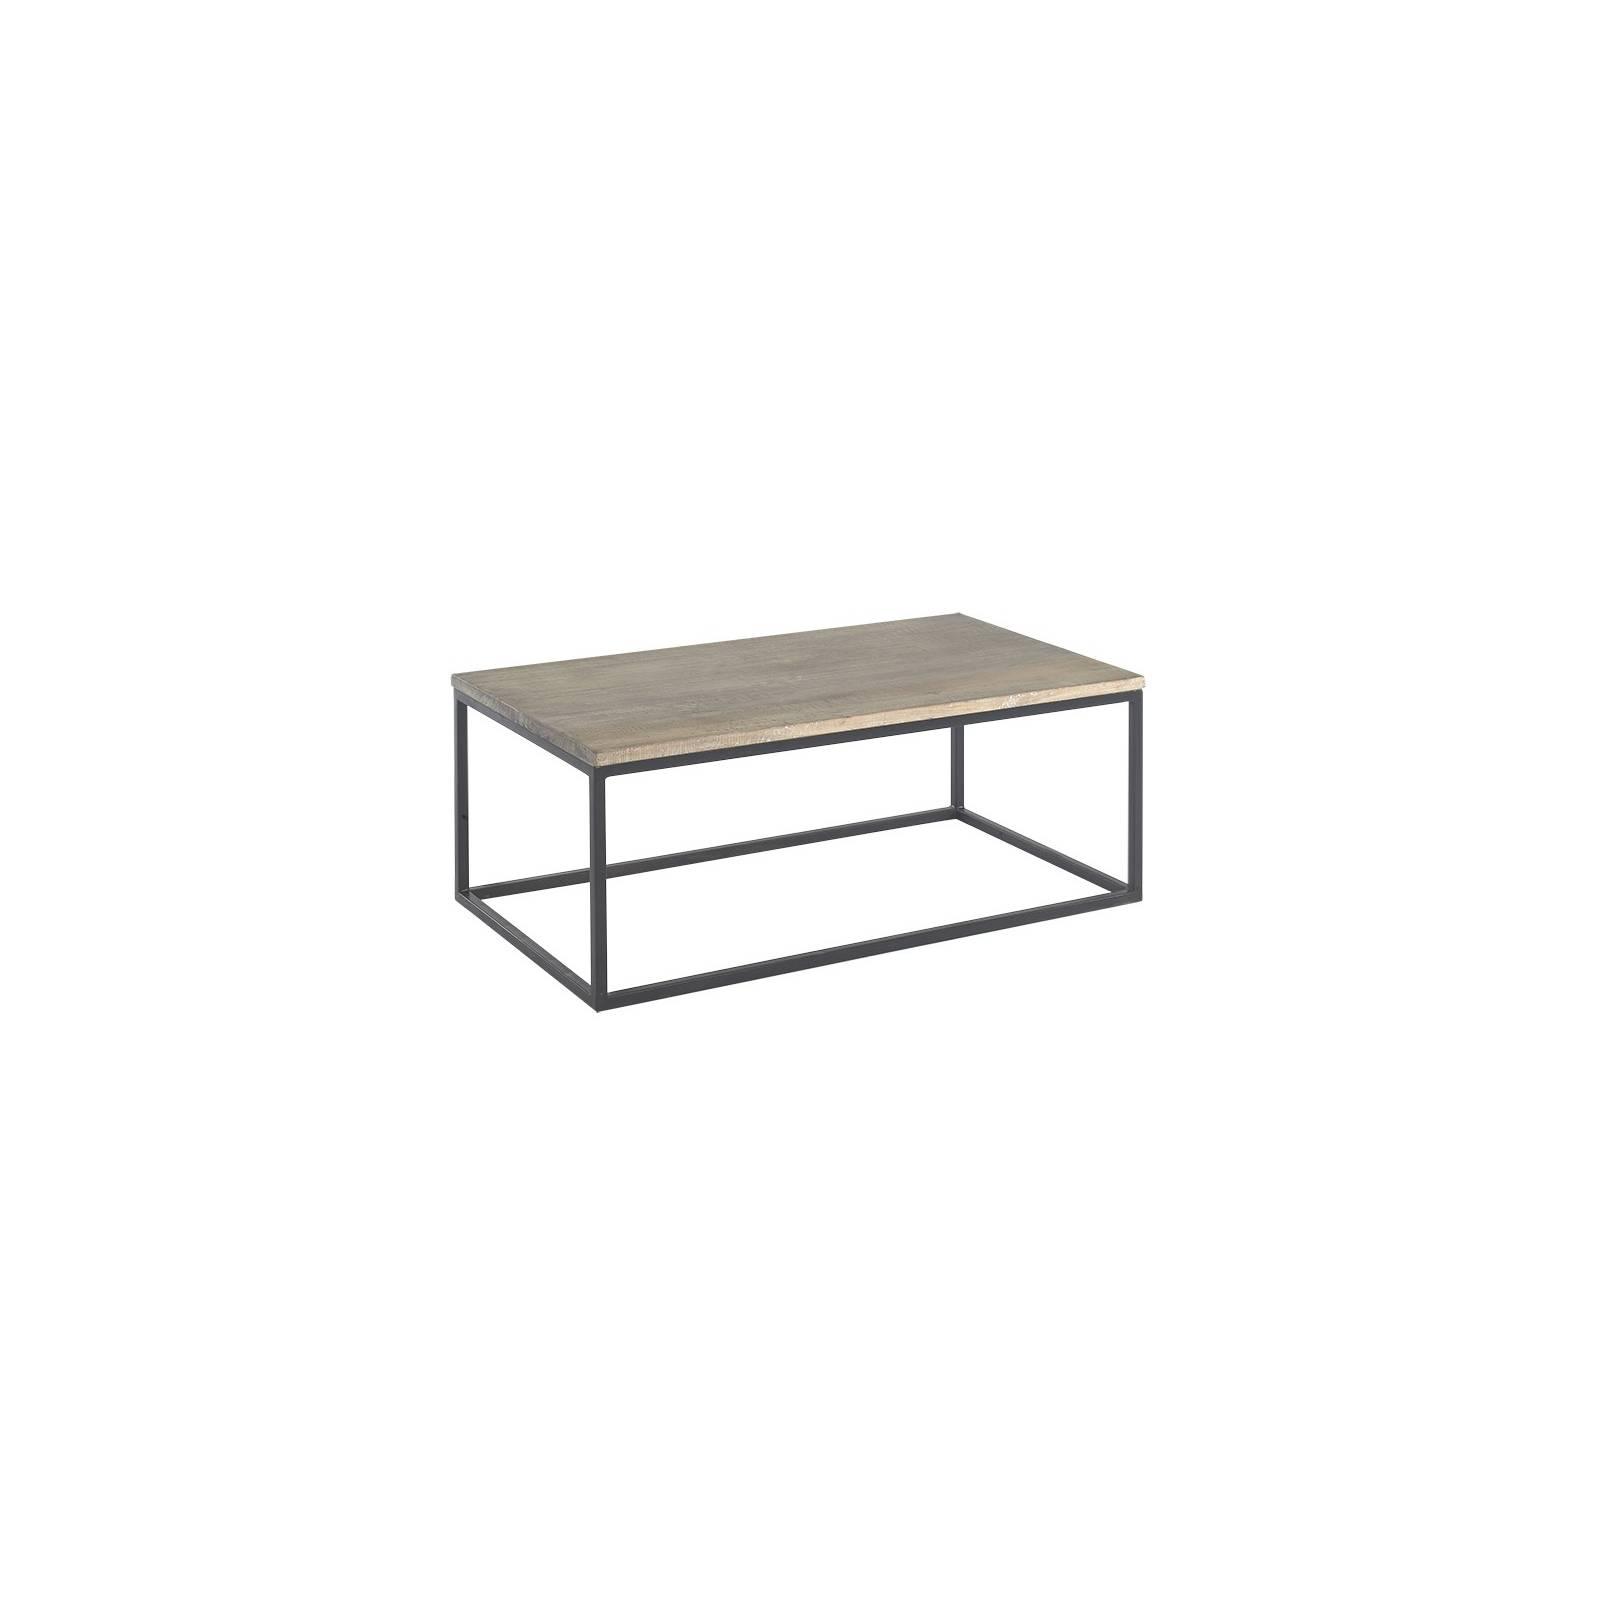 table basse fer forg vendme manguier meuble classique